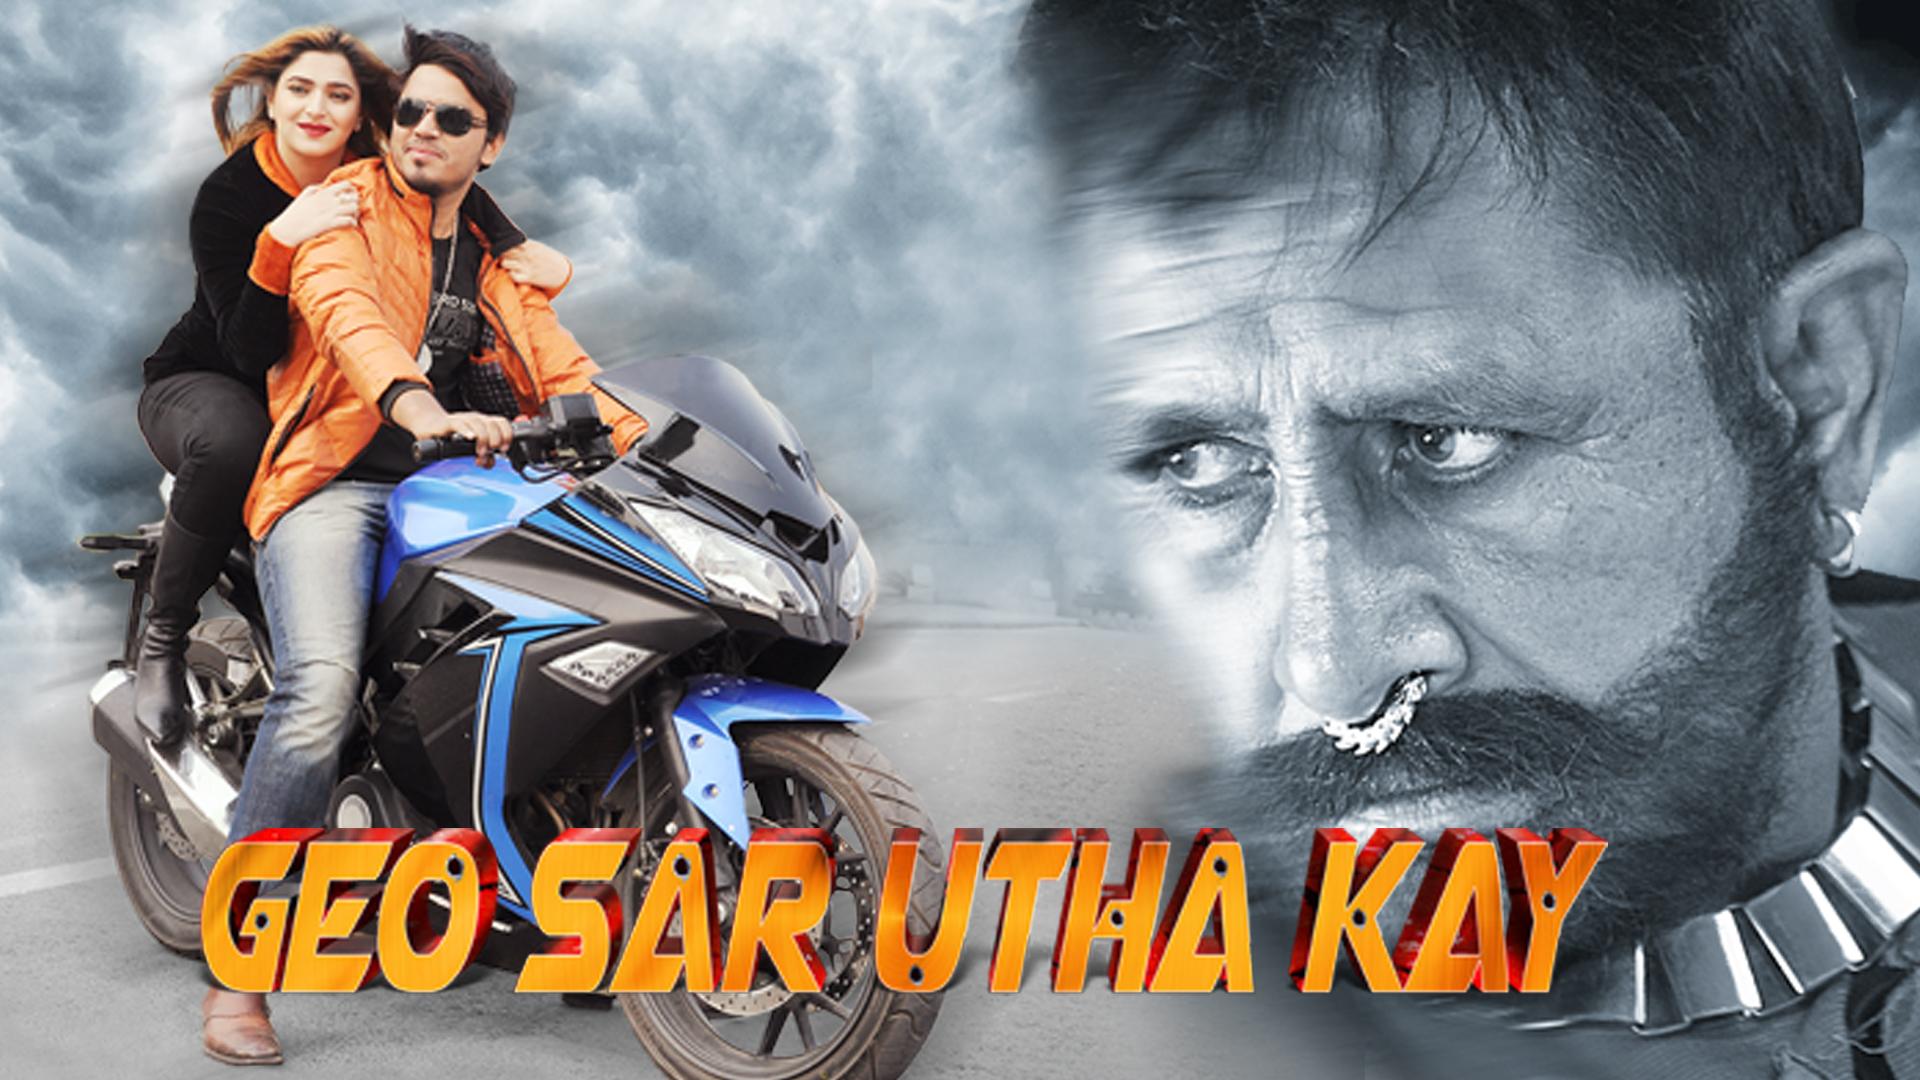 Geo Sar Utha Kay